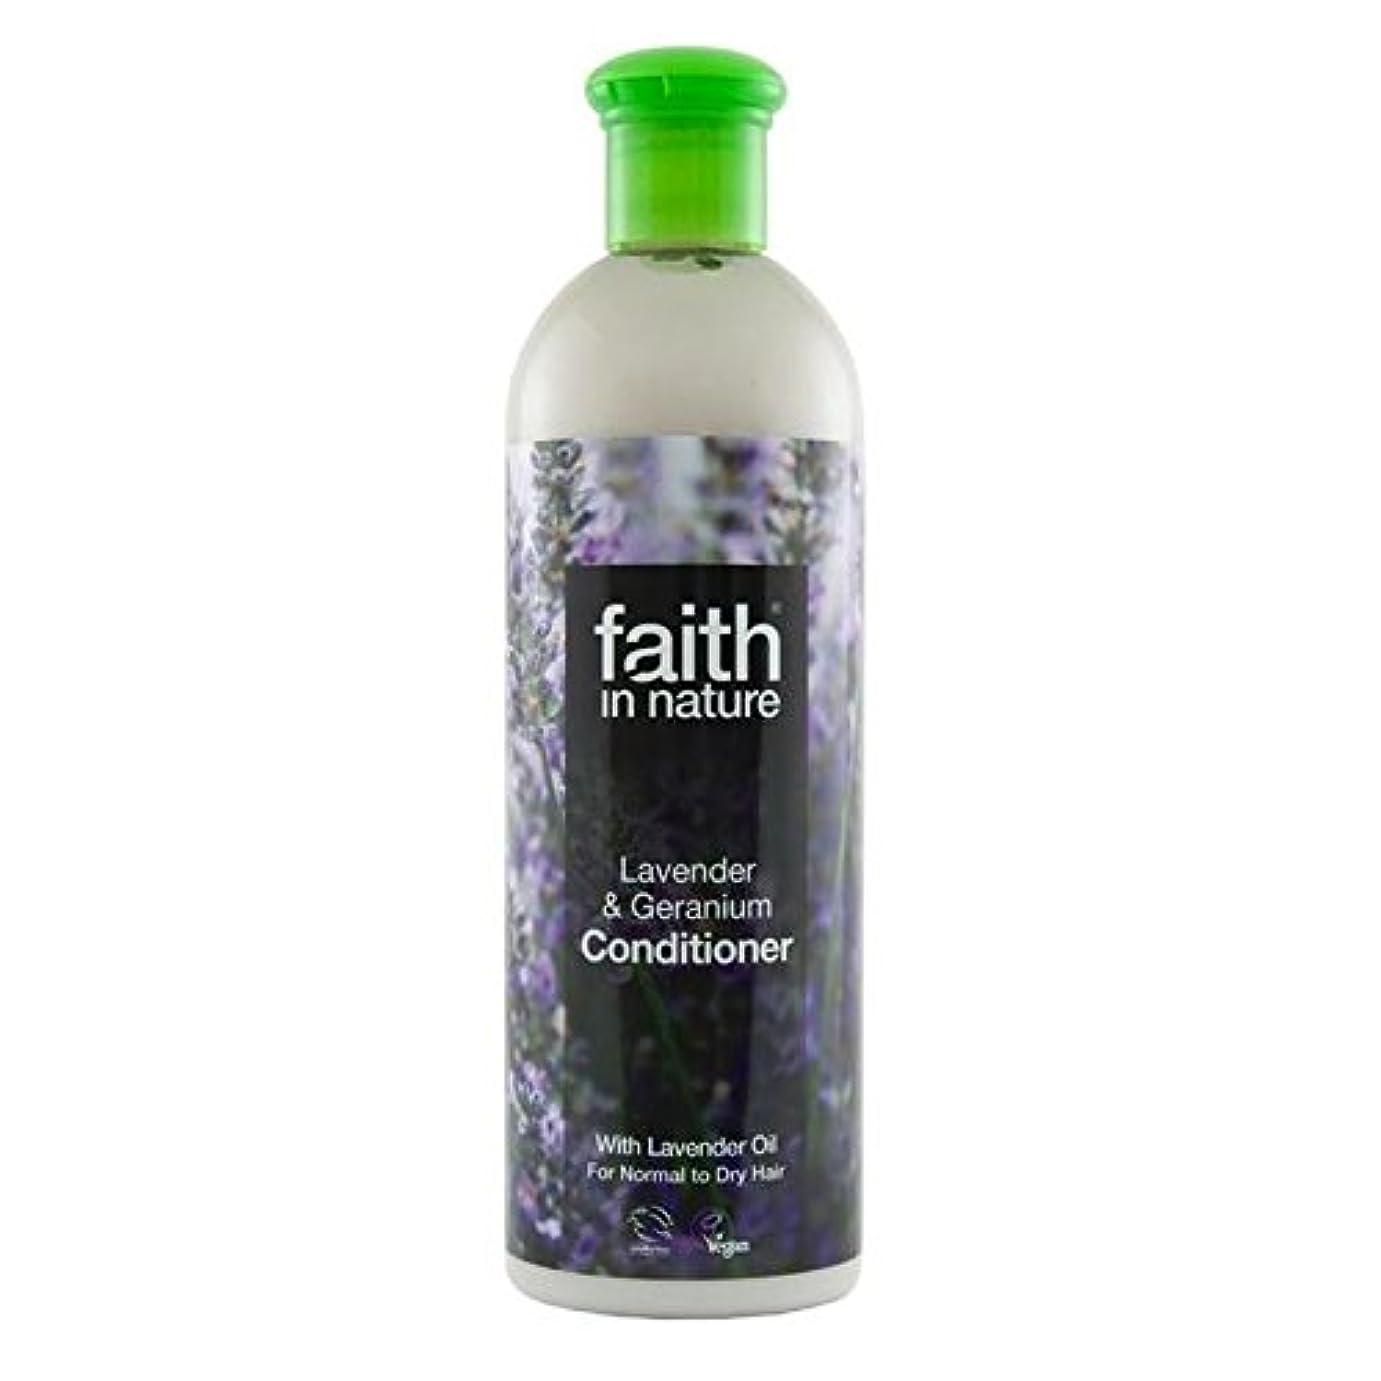 拒否観点素人Faith in Nature Lavender & Geranium Conditioner 400ml - (Faith In Nature) 自然ラベンダー&ゼラニウムコンディショナー400ミリリットルの信仰 [並行輸入品]